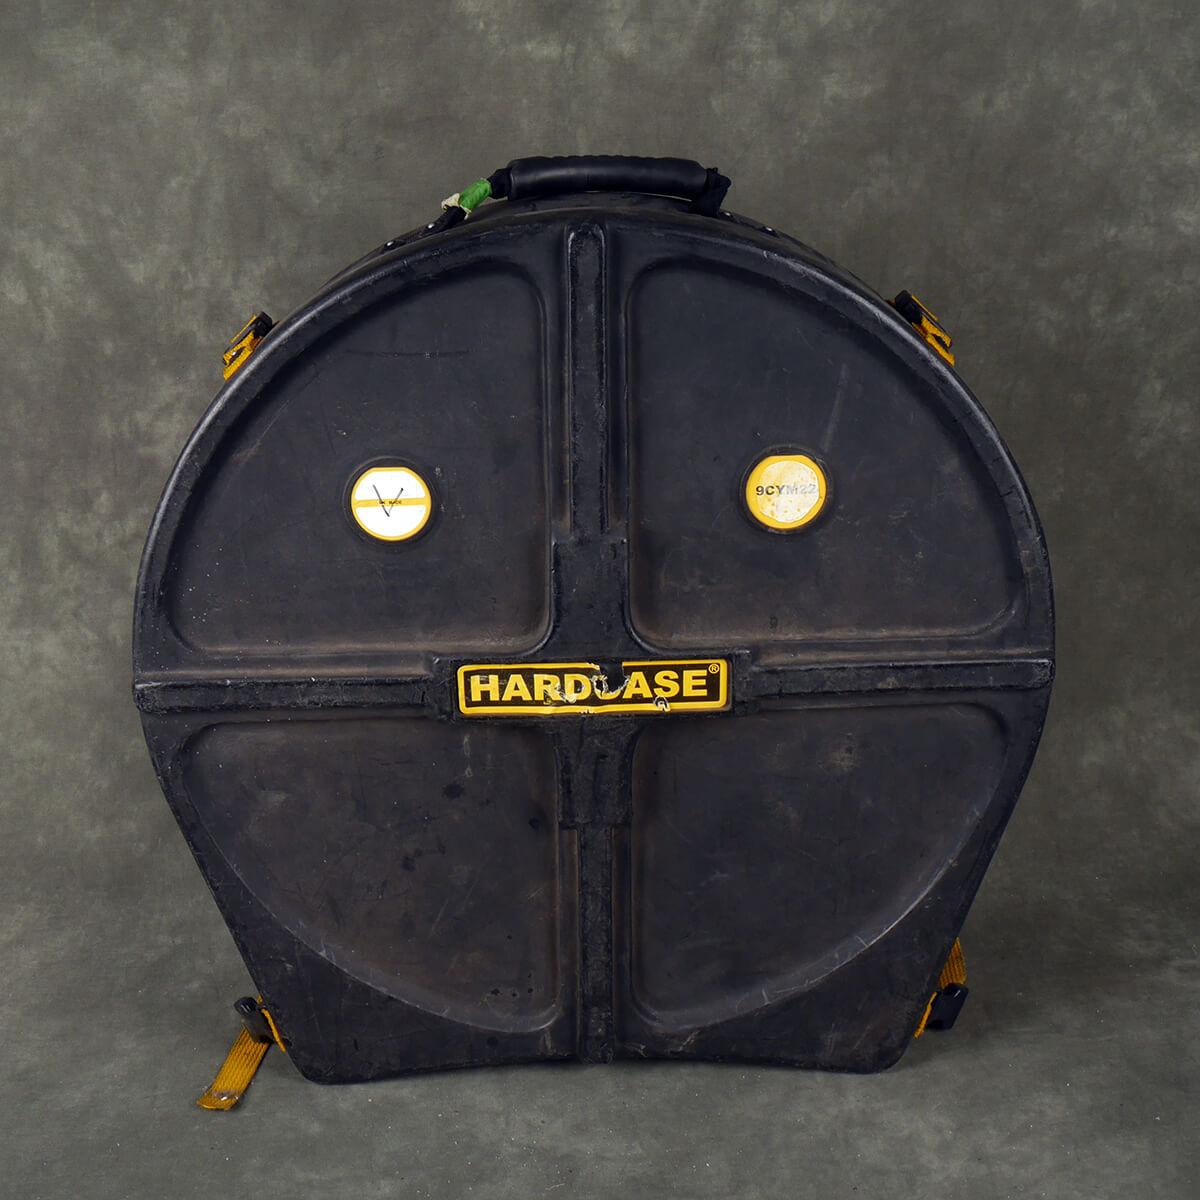 Hardcase 9CYM22 Cymbal Case - 2nd Hand